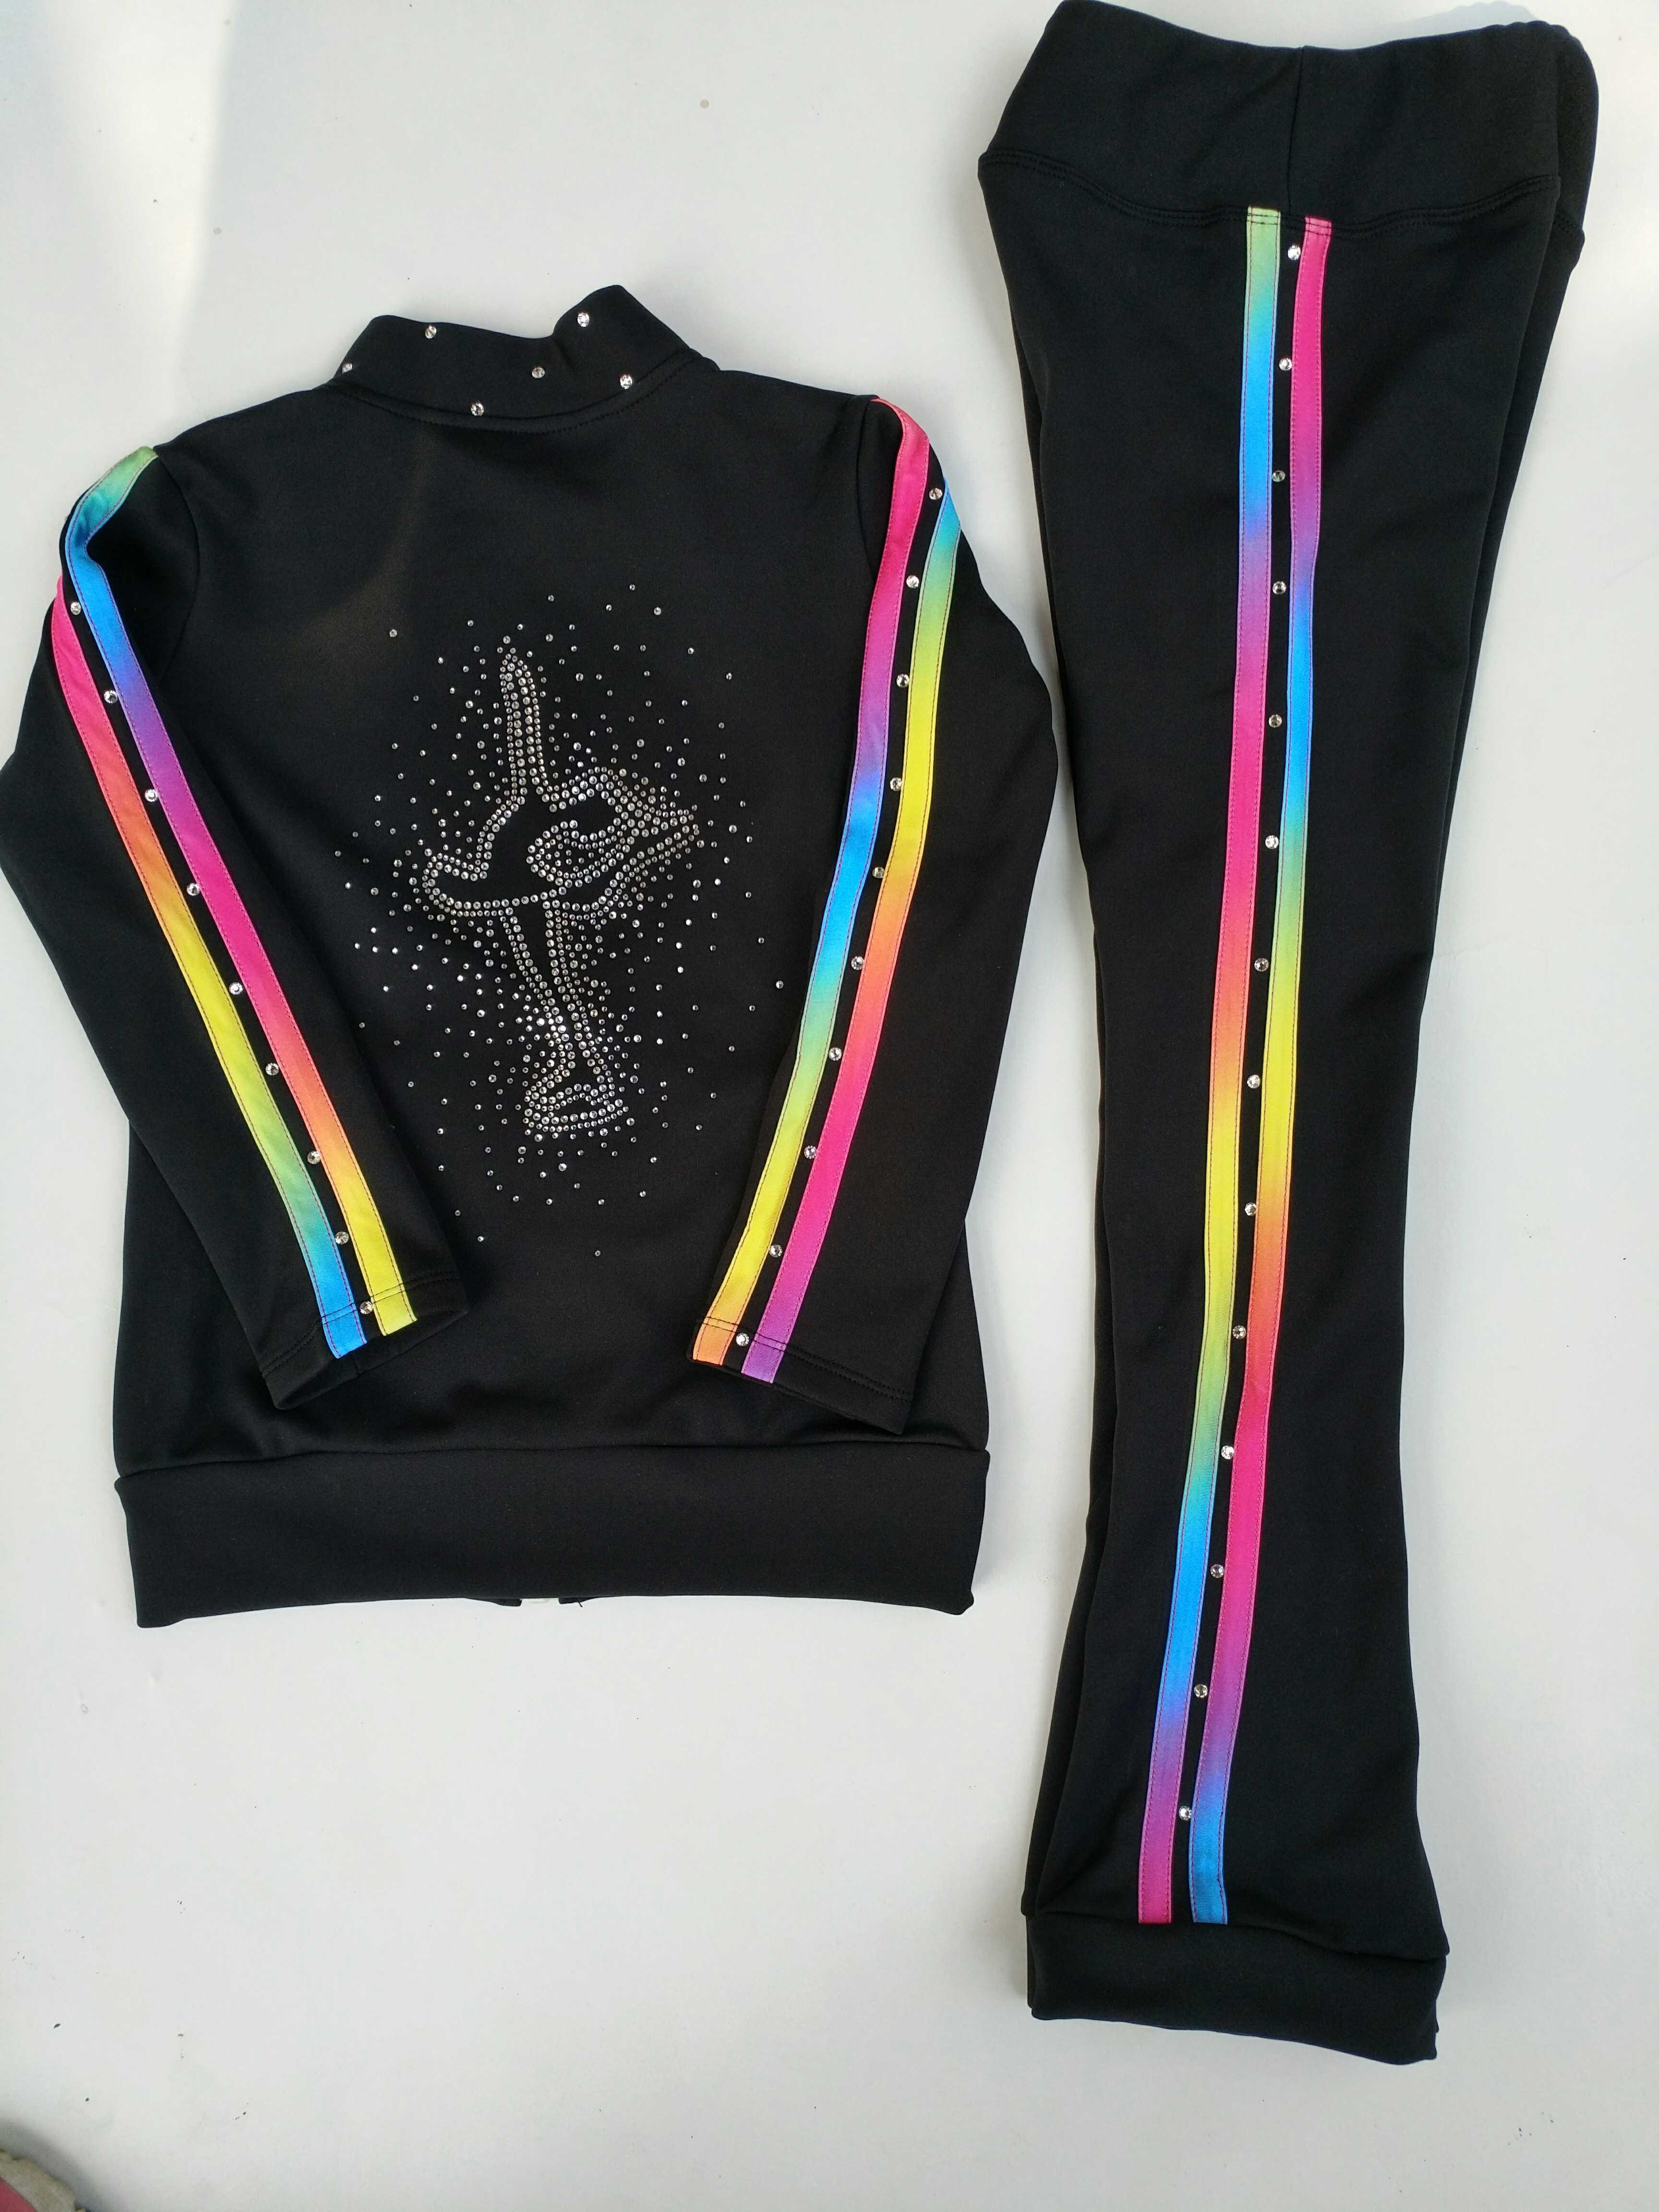 新型のフィギュアスケートのスーツの服はドリルの訓練服のスーツの子供の出演服を予約して人のズボンを作ります。